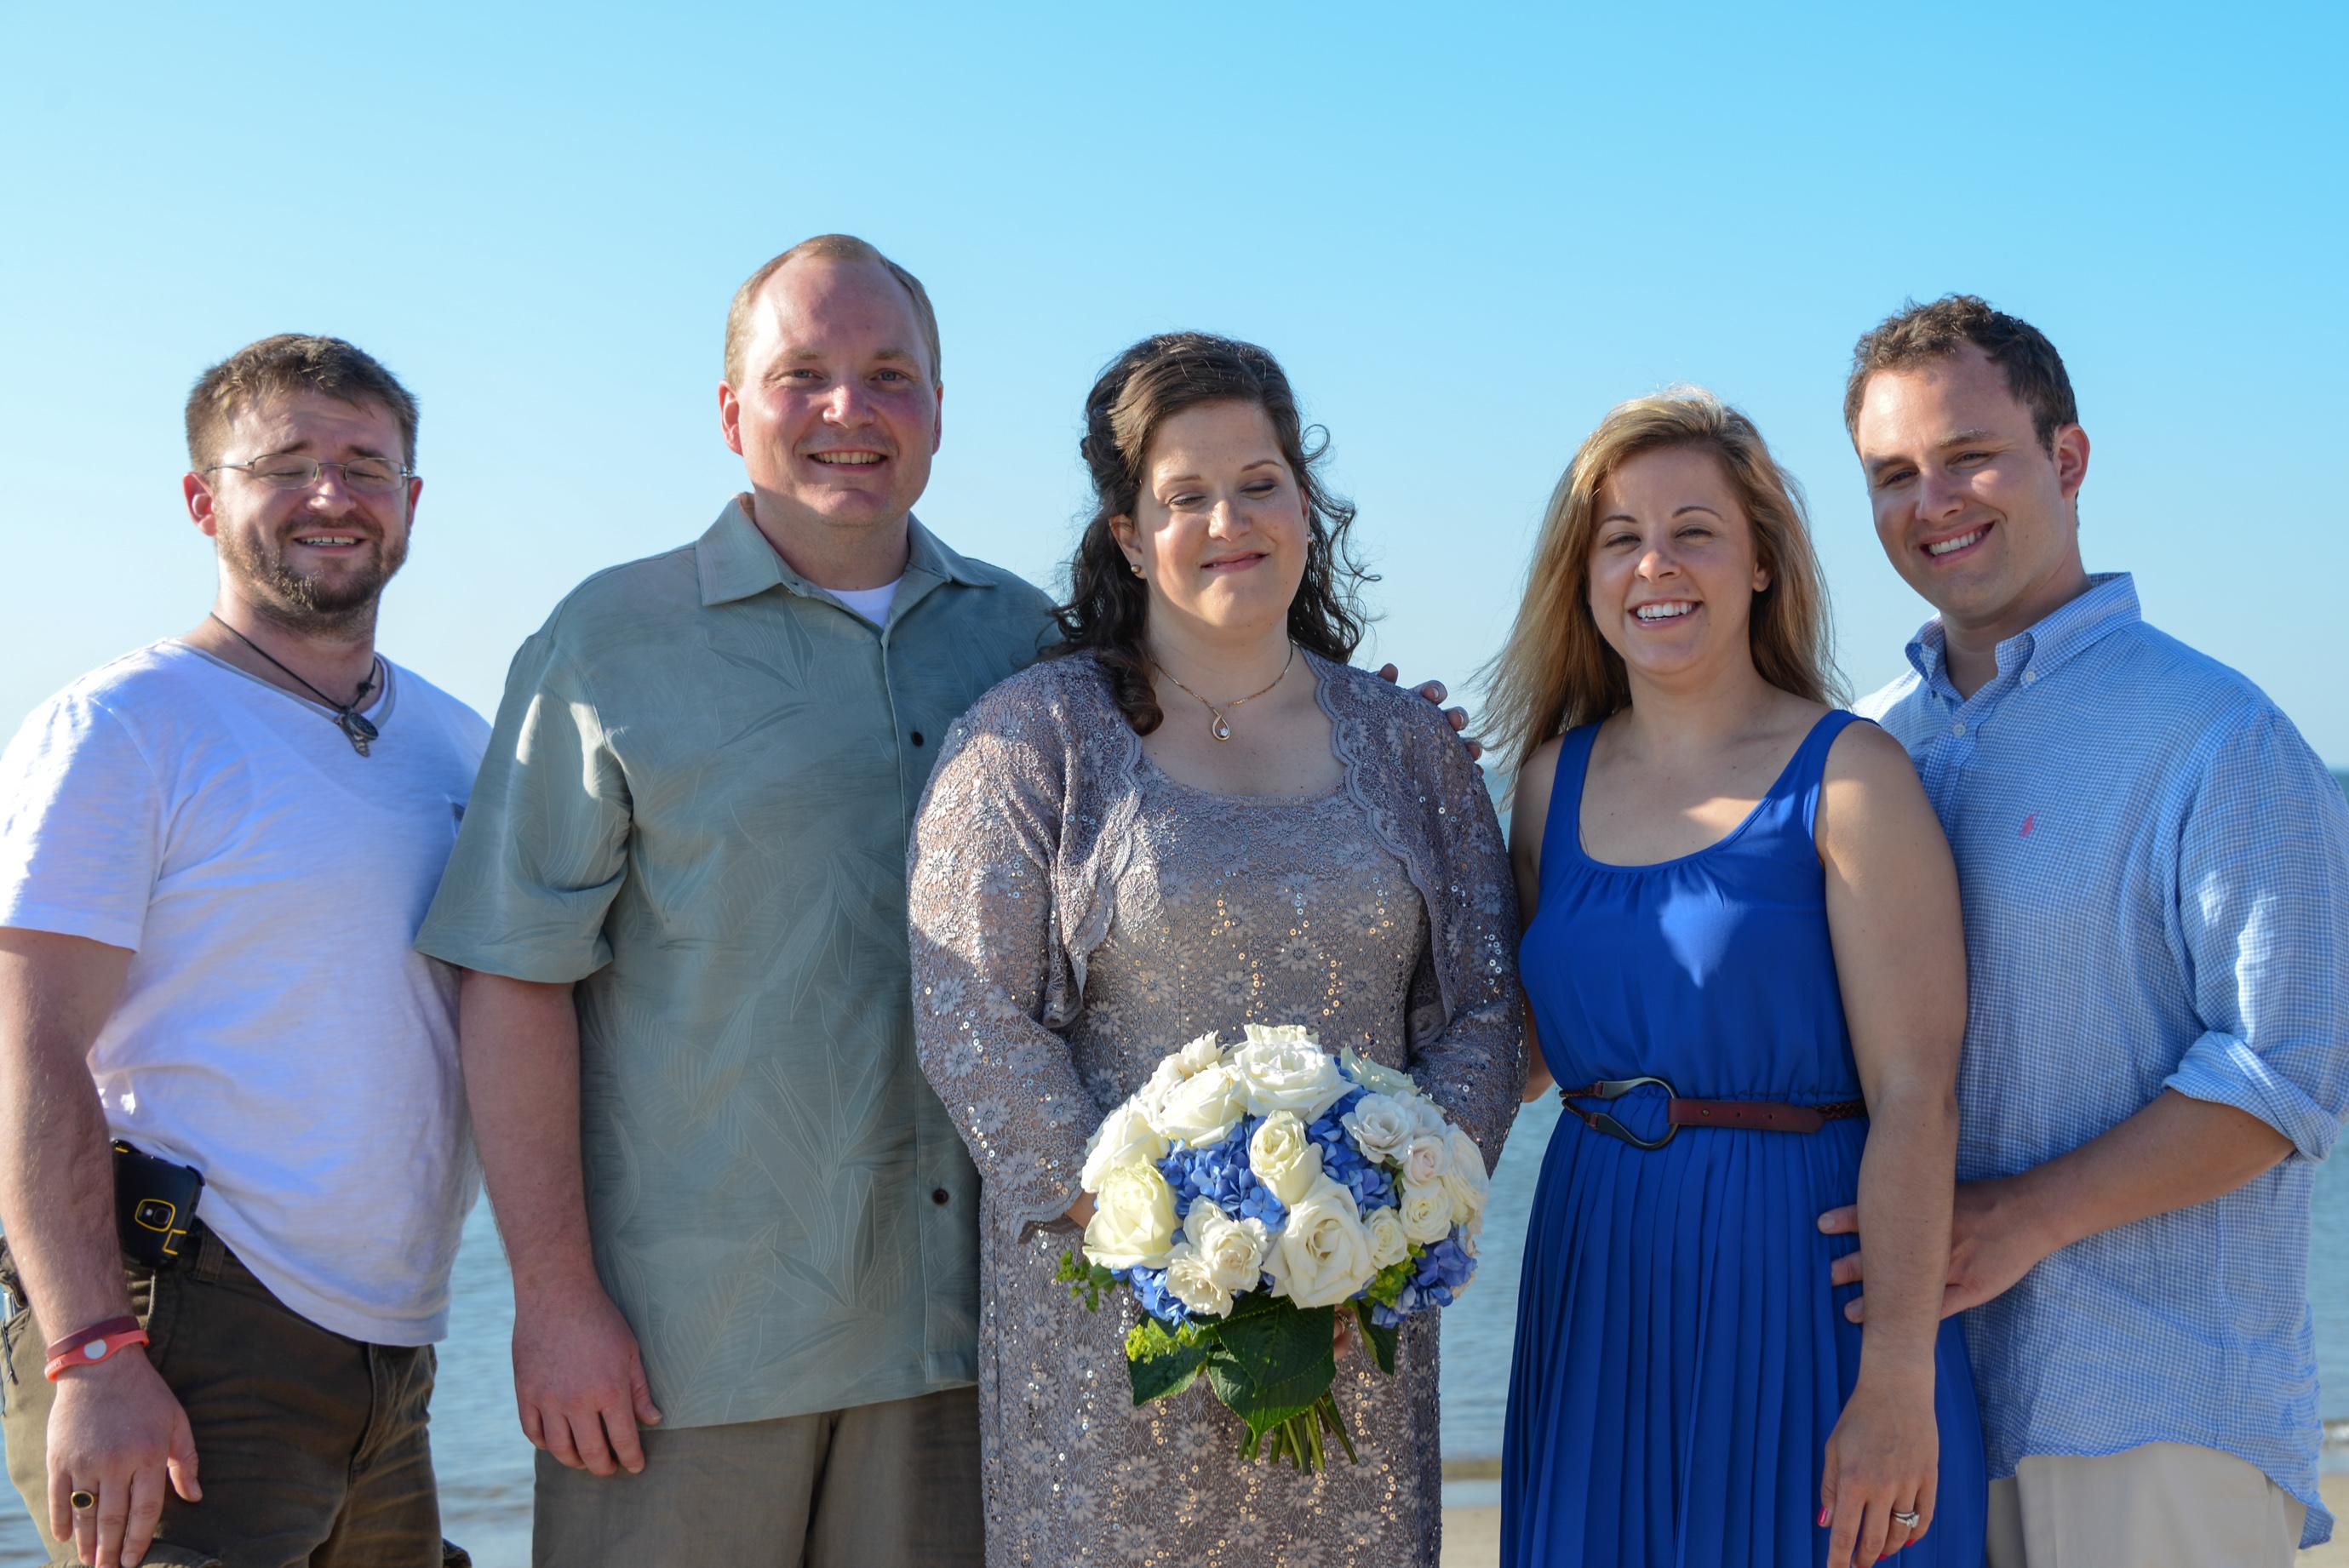 Our precious family!